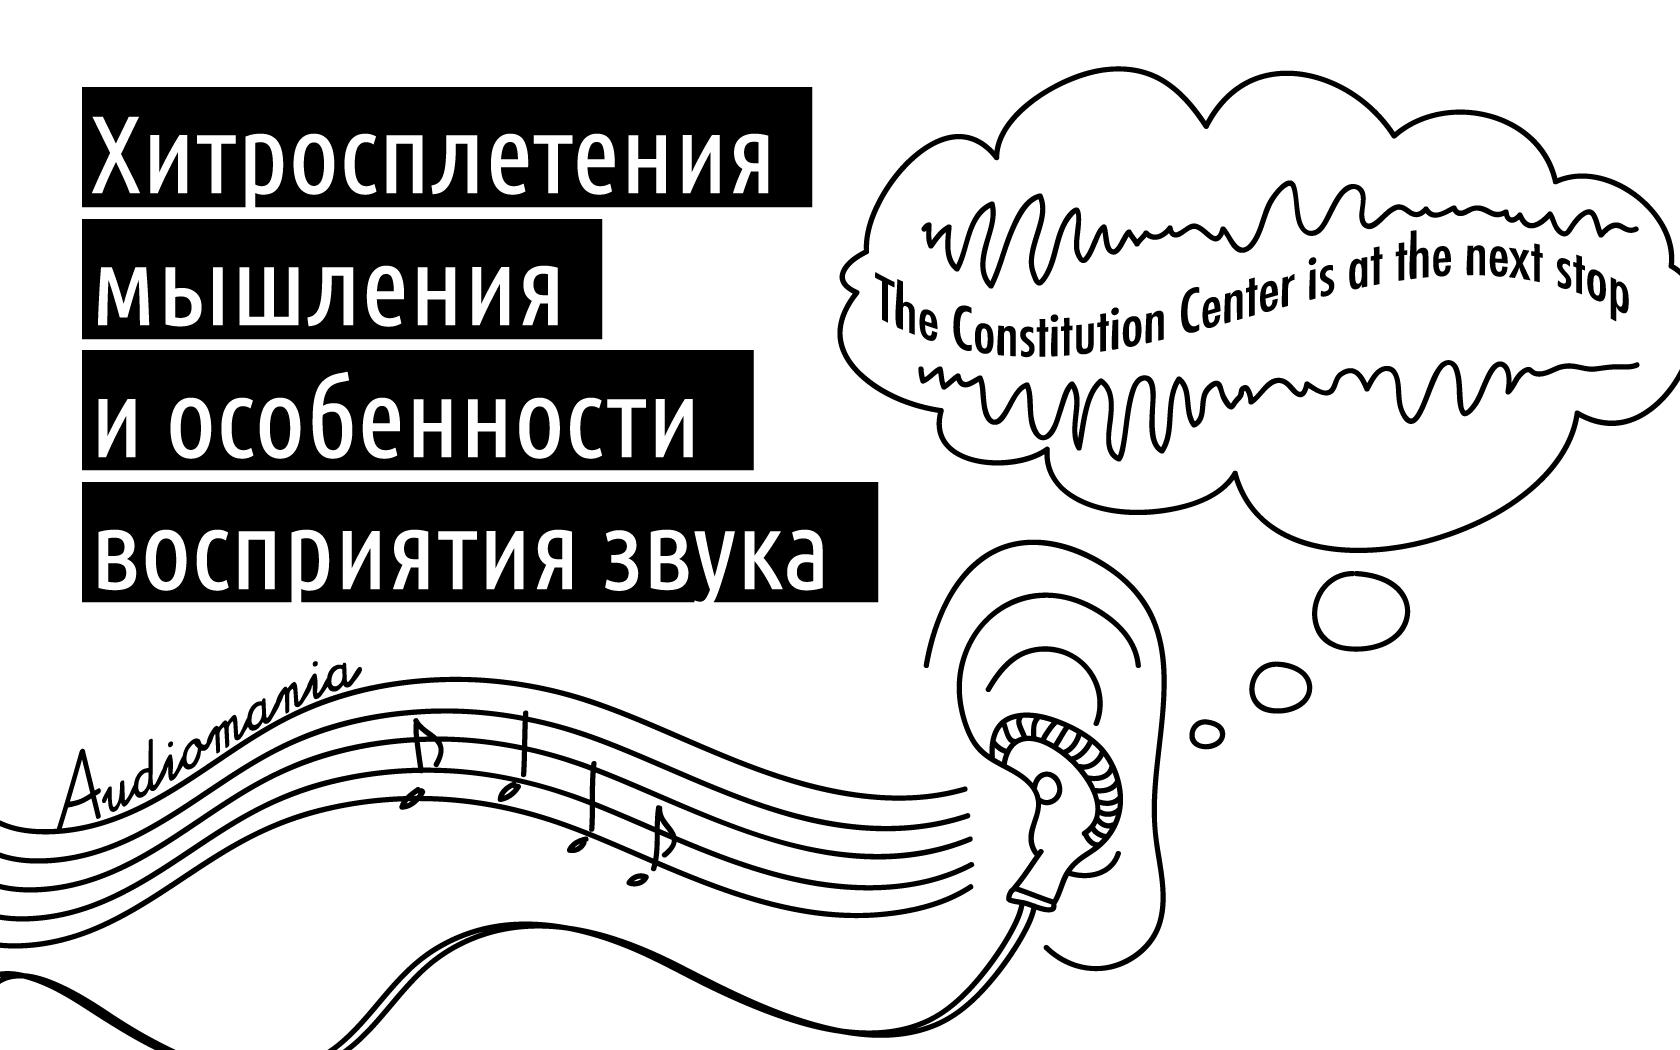 Хитросплетения мышления и особенности восприятия звука - 1